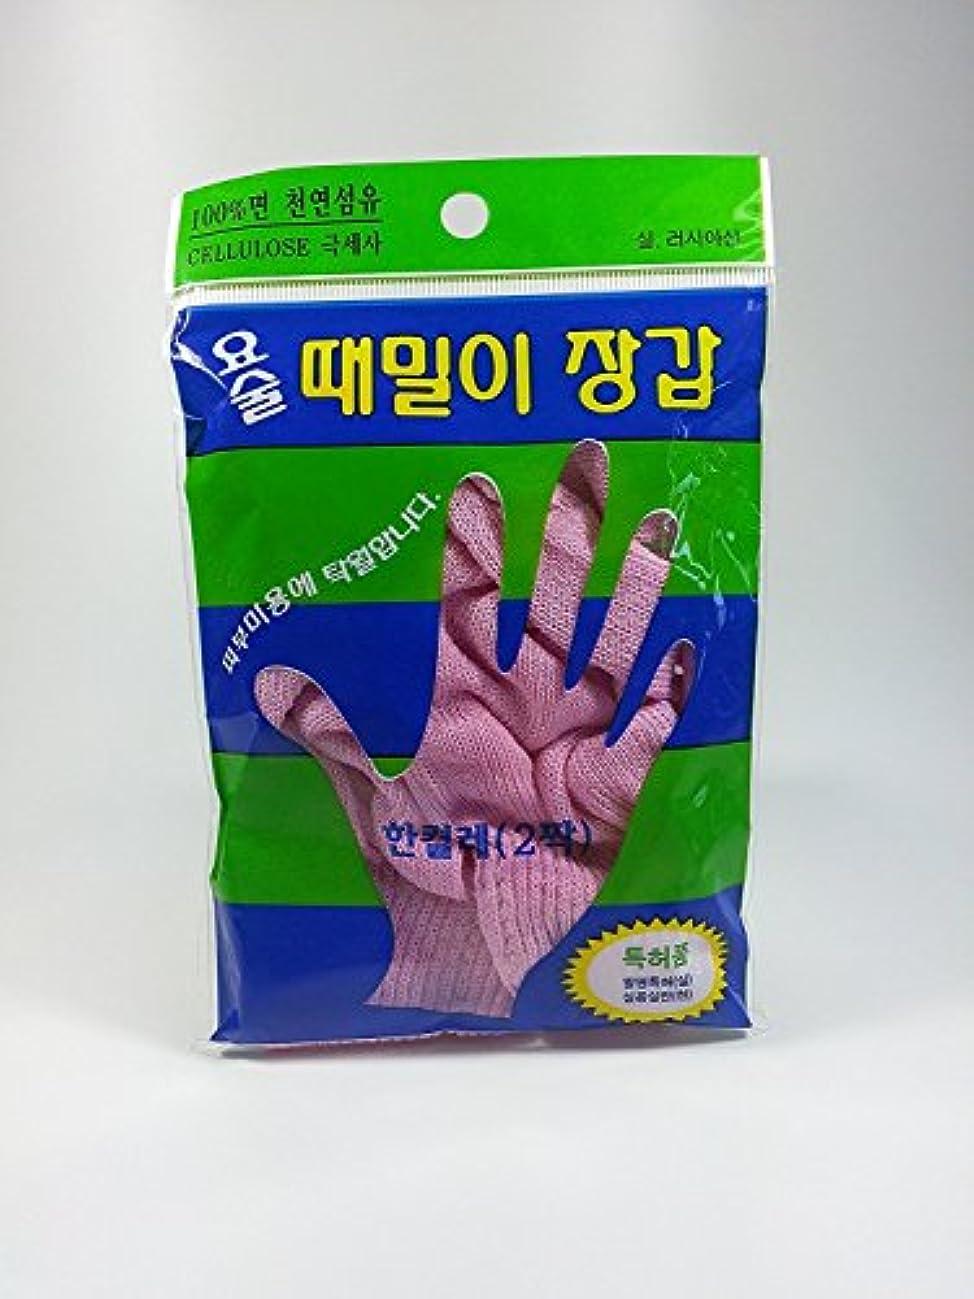 意味フェデレーション好戦的なジョンジュン産業 韓国式 垢すり 手袋 バスグローブ 5本指 ボディスクラブ 100% 天然セルロース繊維製 ???? ??????? Magic Korean Body Back Scrub [並行輸入品]